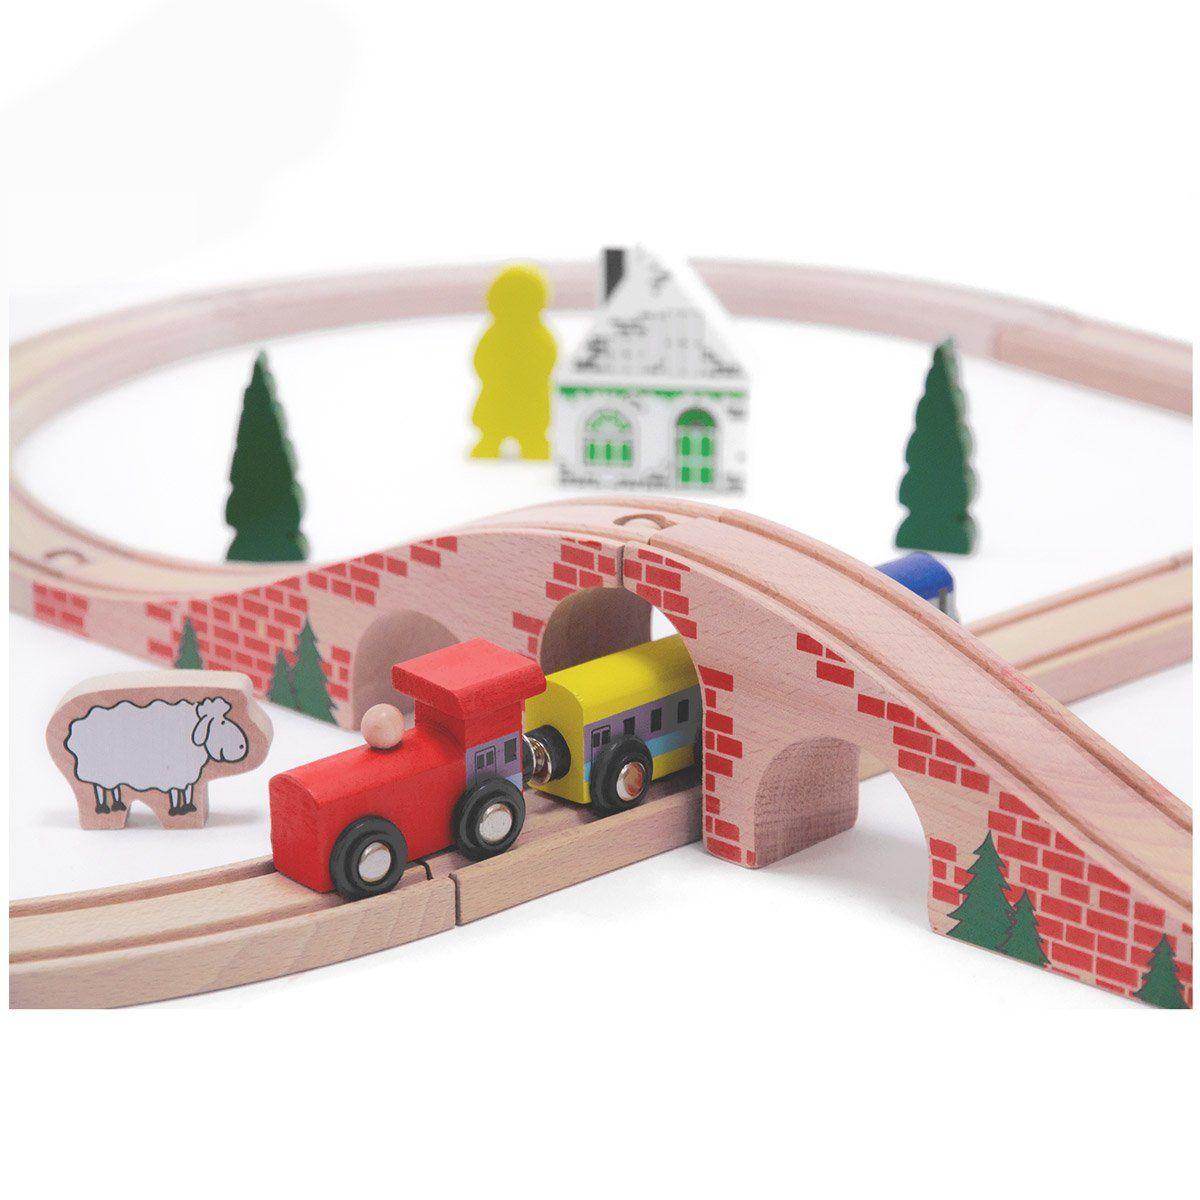 Ponte per trenino in legno di beeboo un bel regalo per bambini - Trenino di legno ikea ...